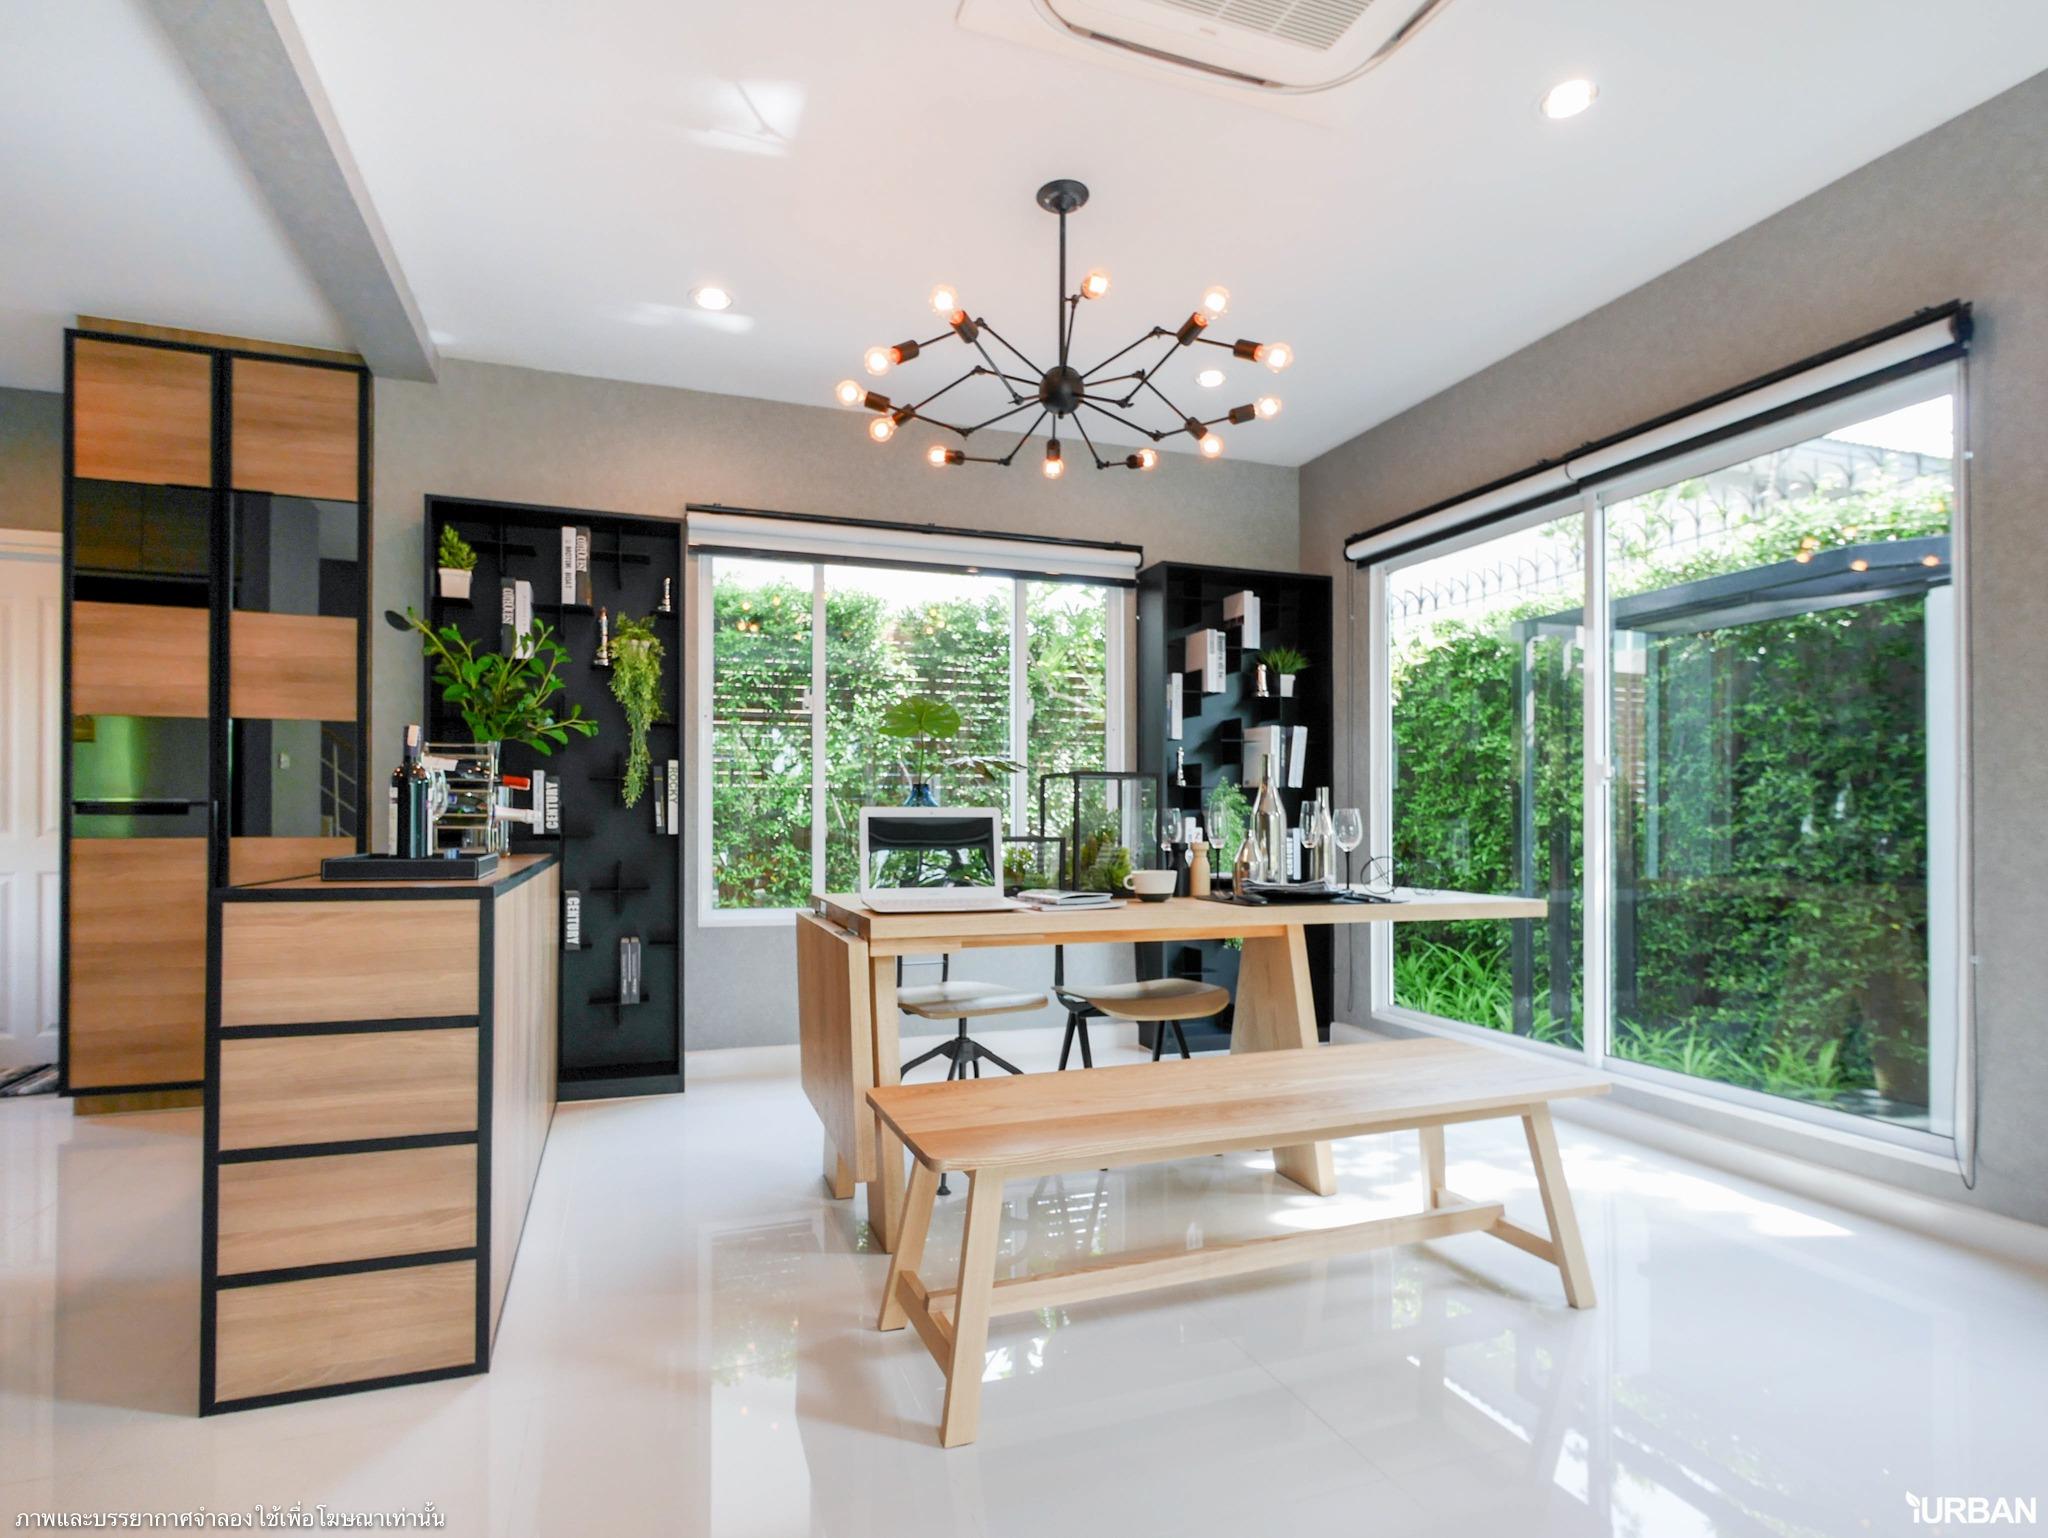 The Plant เทพารักษ์-บางนา ชมบ้านตัวอย่างและรีวิวโครงการ บ้านเดี่ยวดีไซน์สวย ทำเลดีใกล้ห้างและตลาด เริ่ม 3.8 ล้าน 62 - Megabangna (เมกาบางนา)